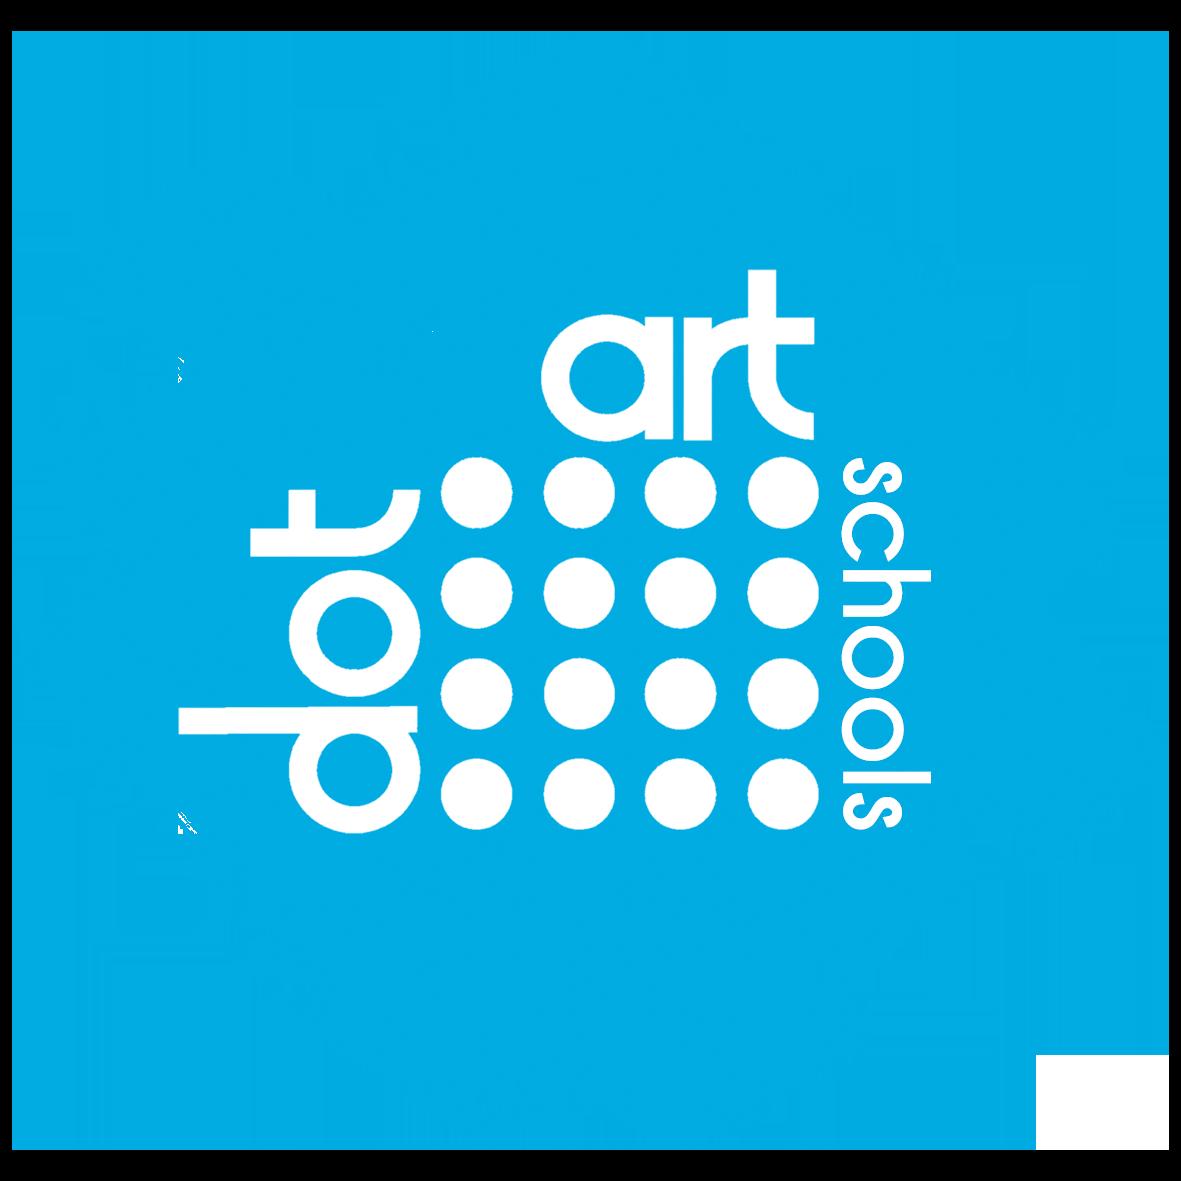 Dot Art logo